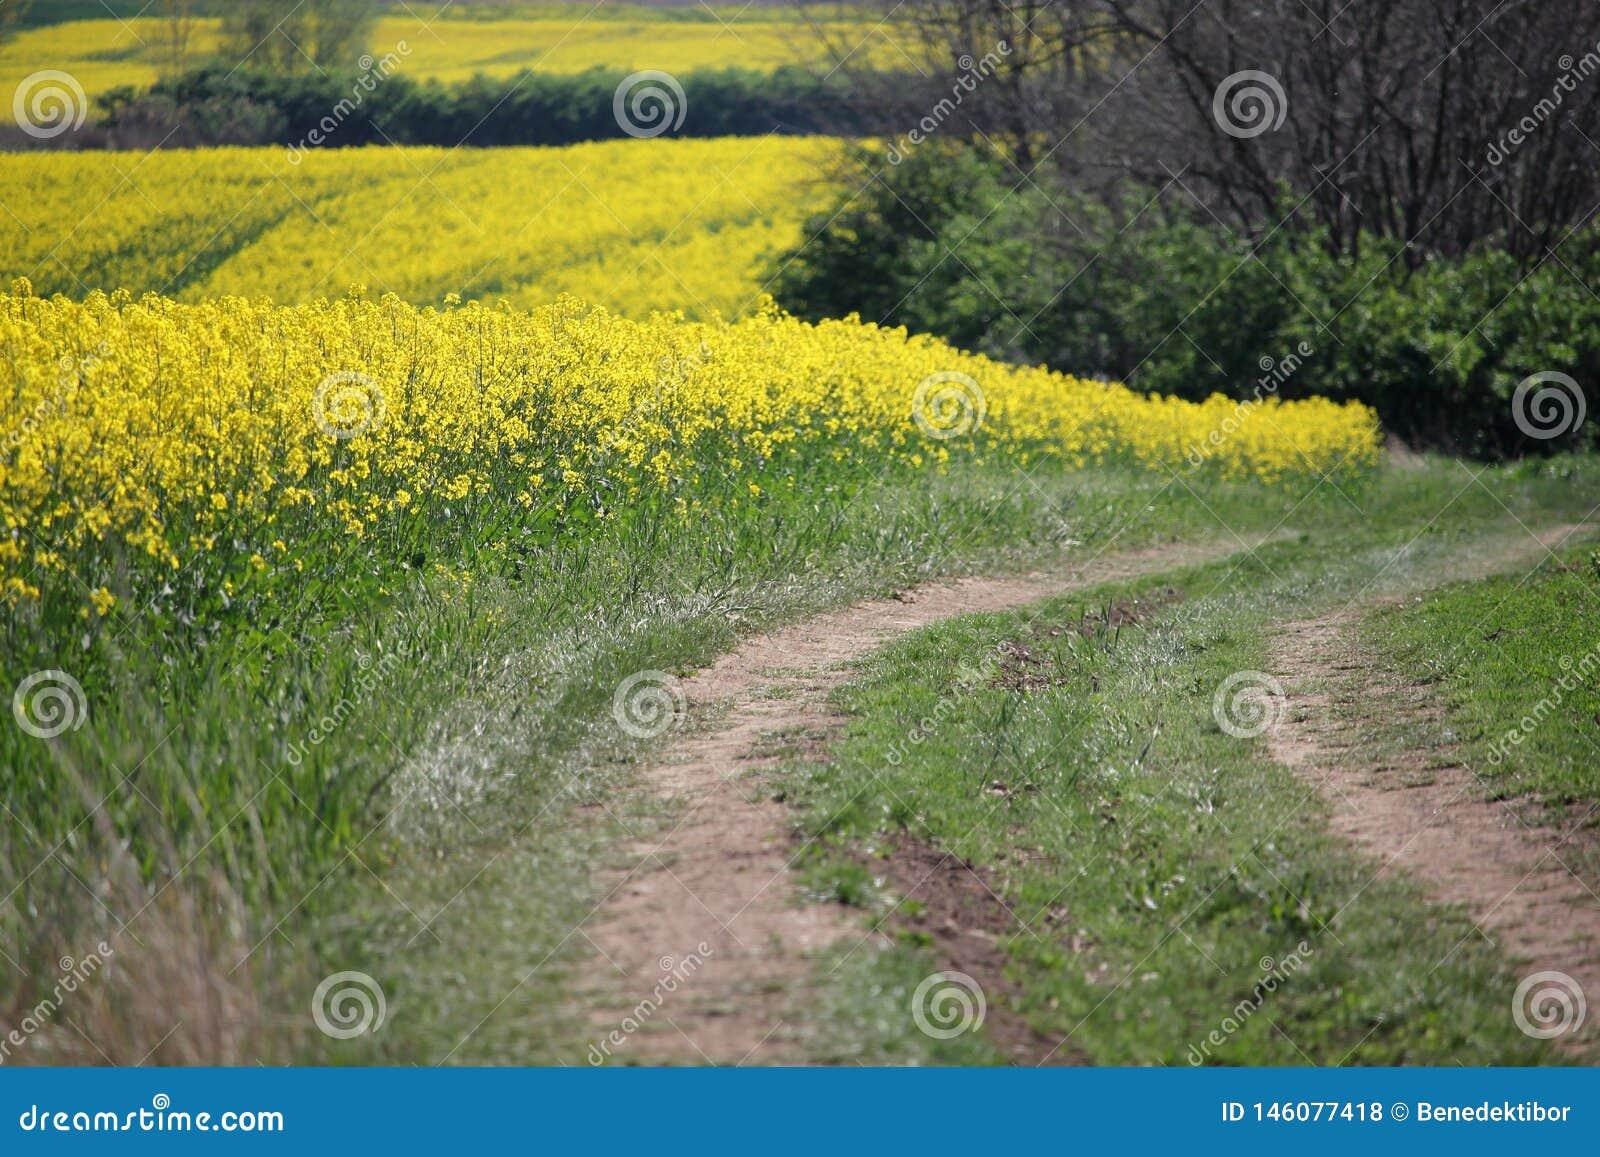 Красивое желтое поле рапса с грязной улицей